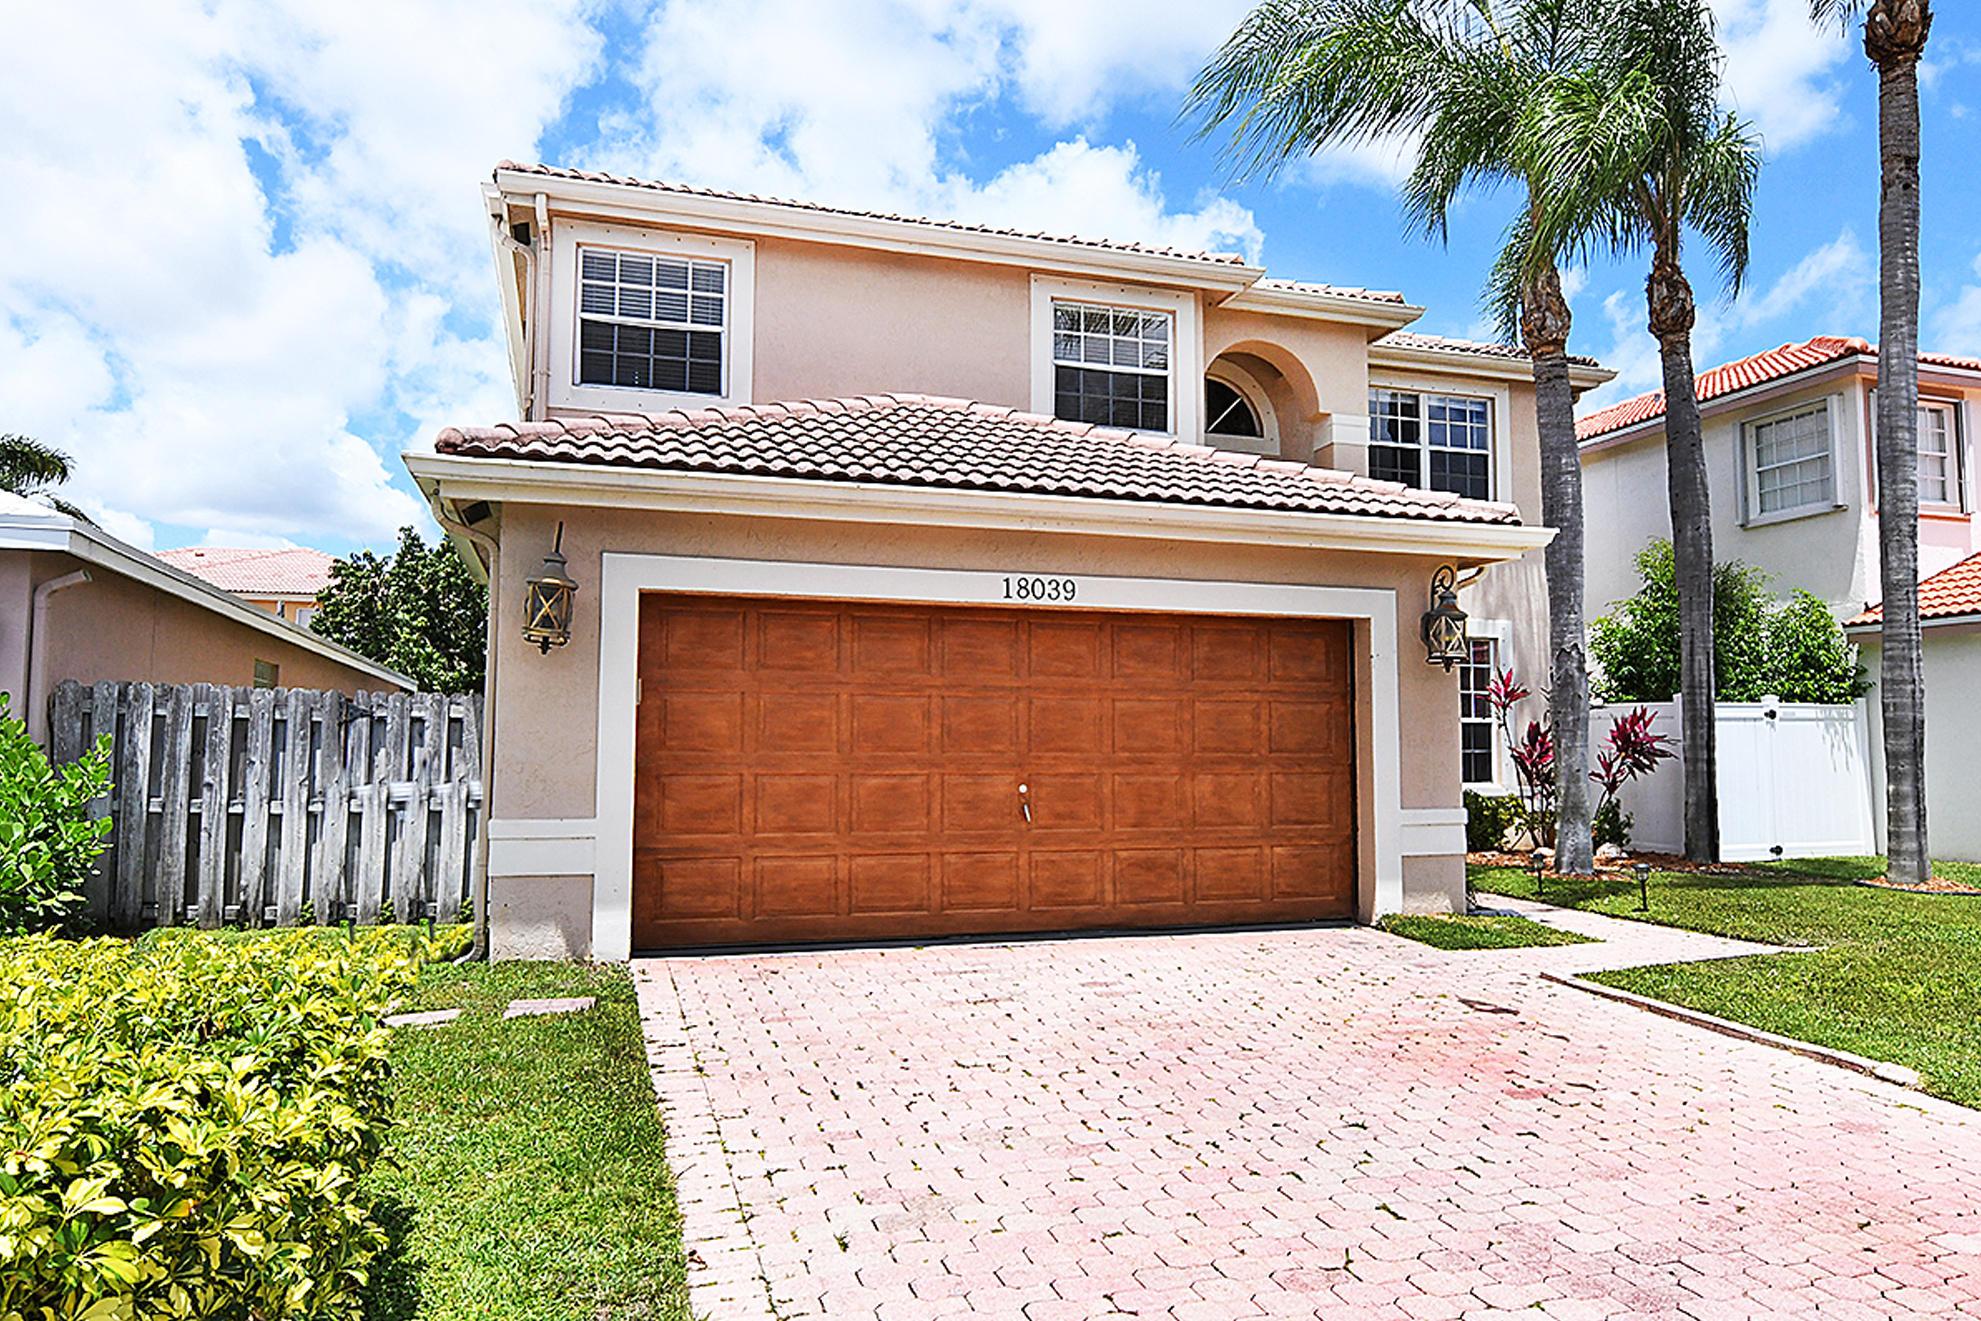 18039 Jazz Lane Boca Raton, FL 33496